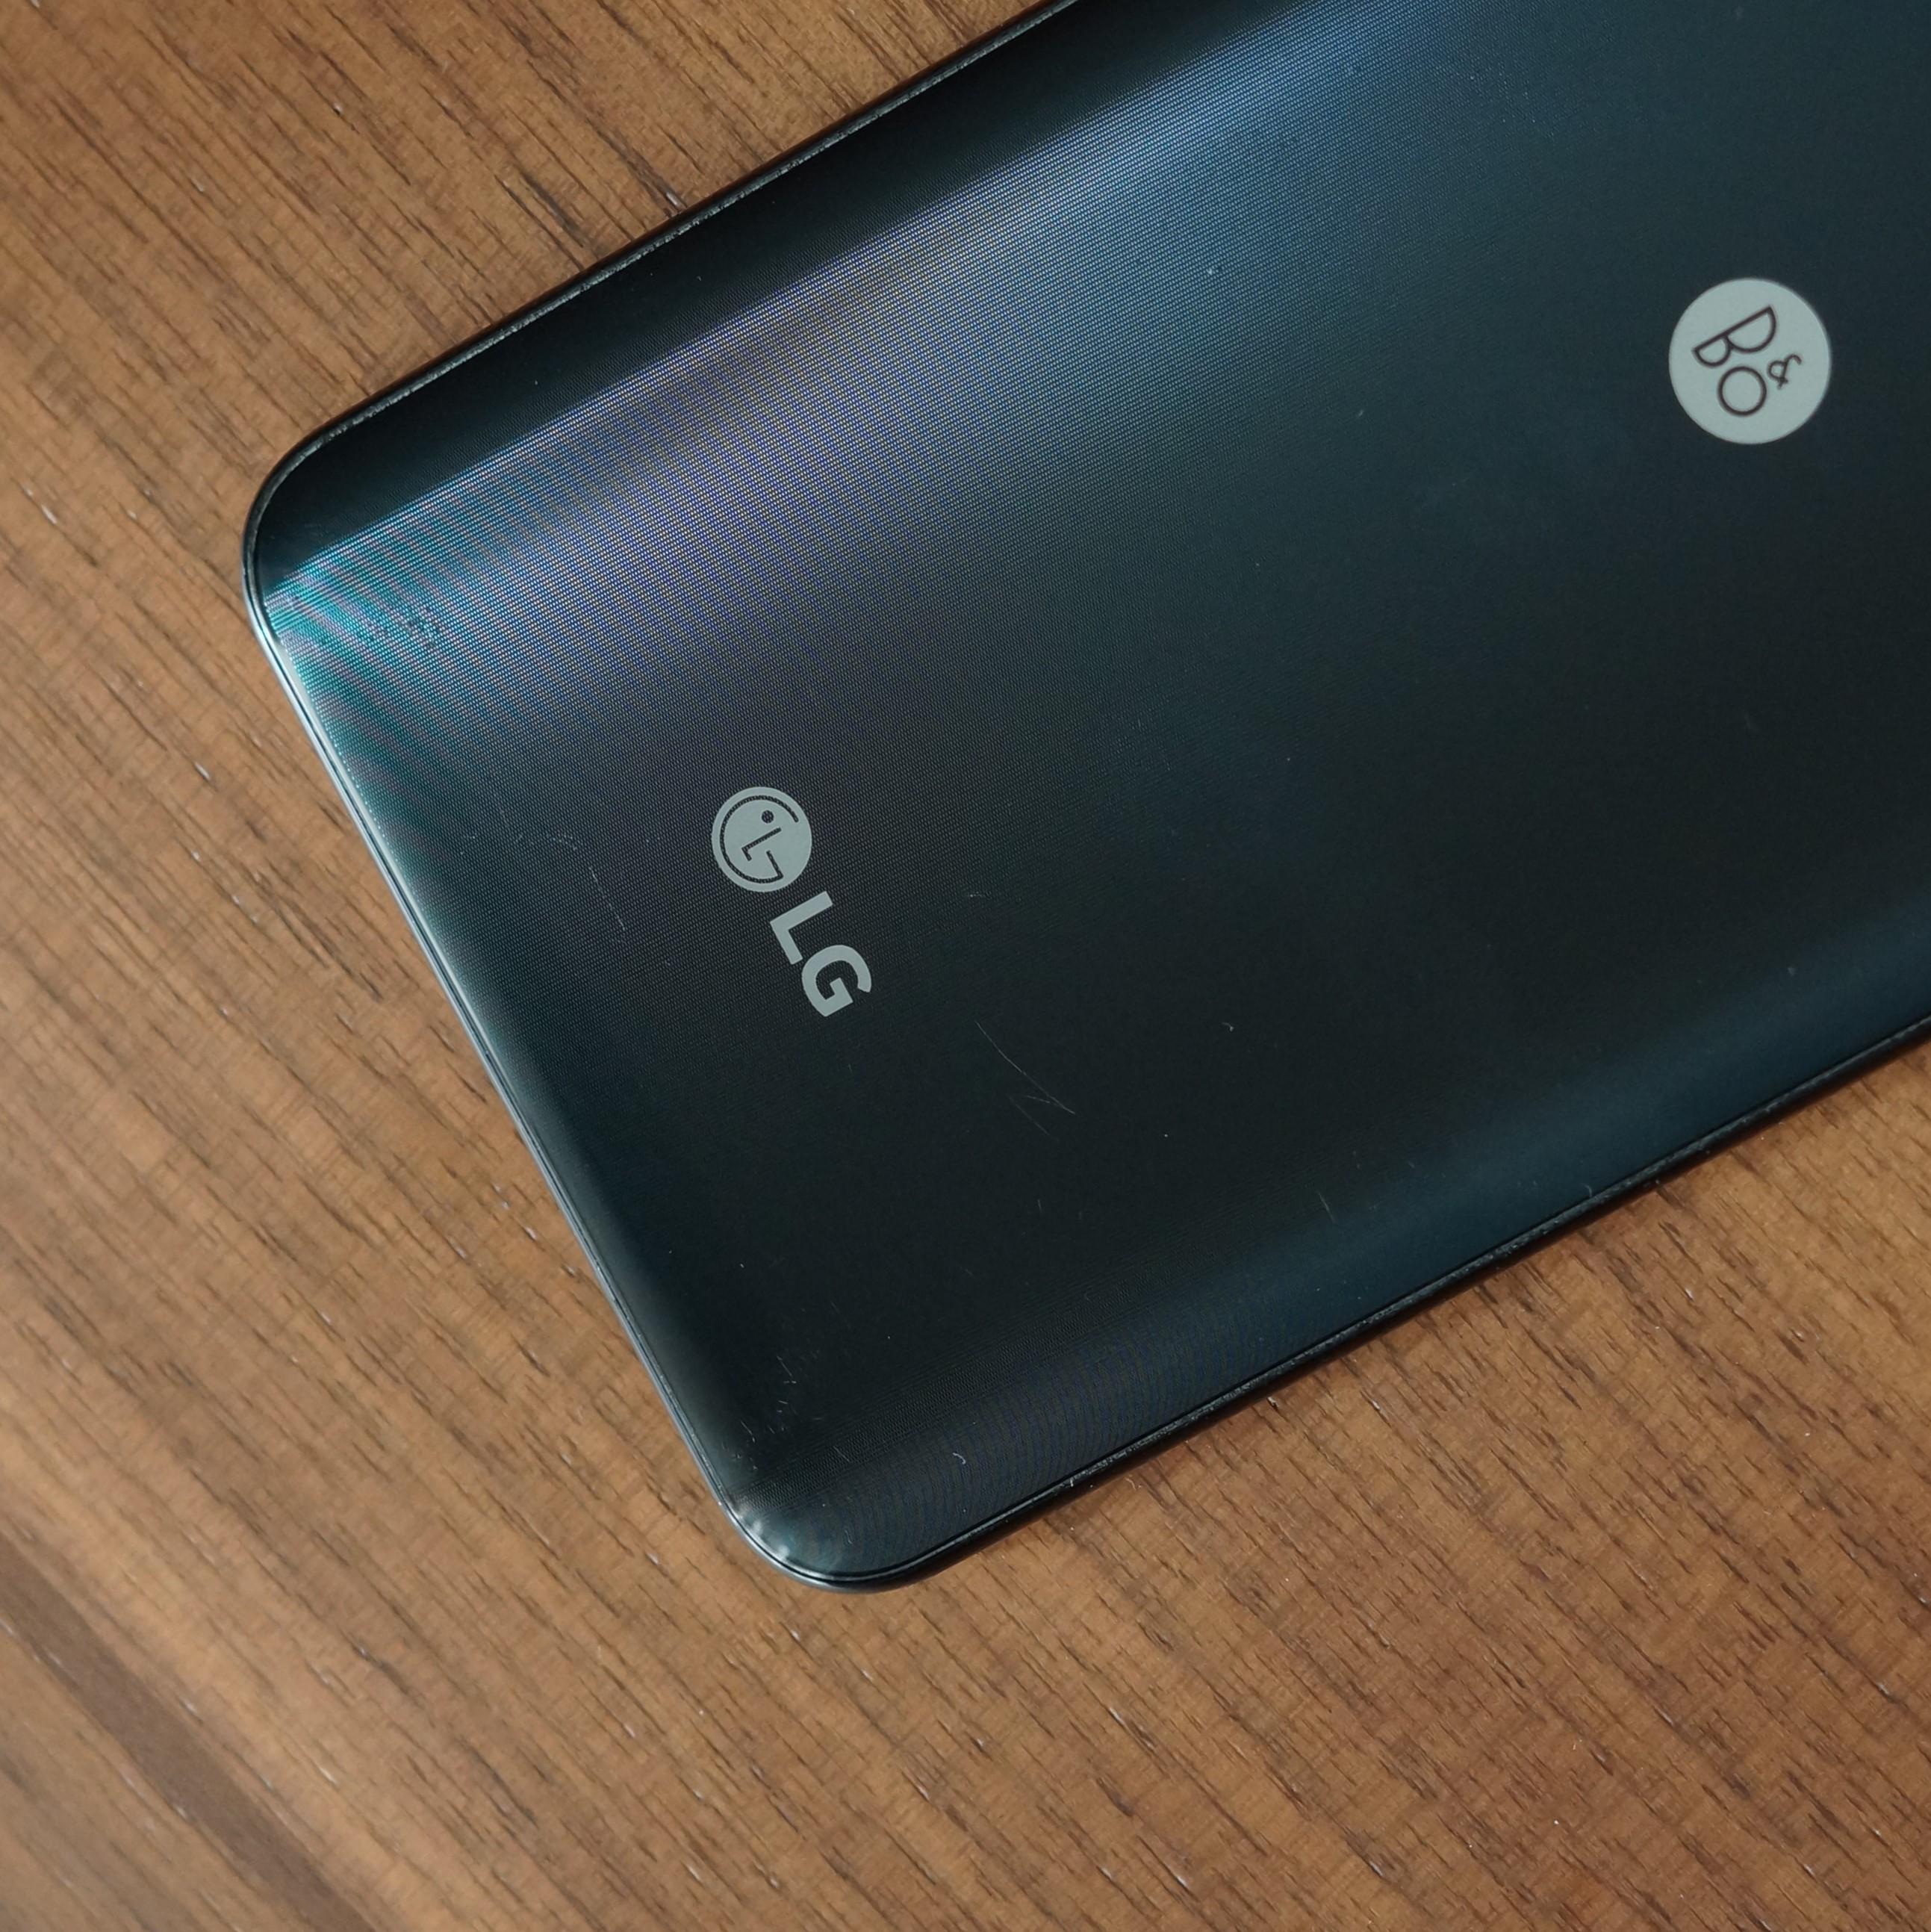 Le LG V40 à triple capteur photo serait commercialisé dès octobre